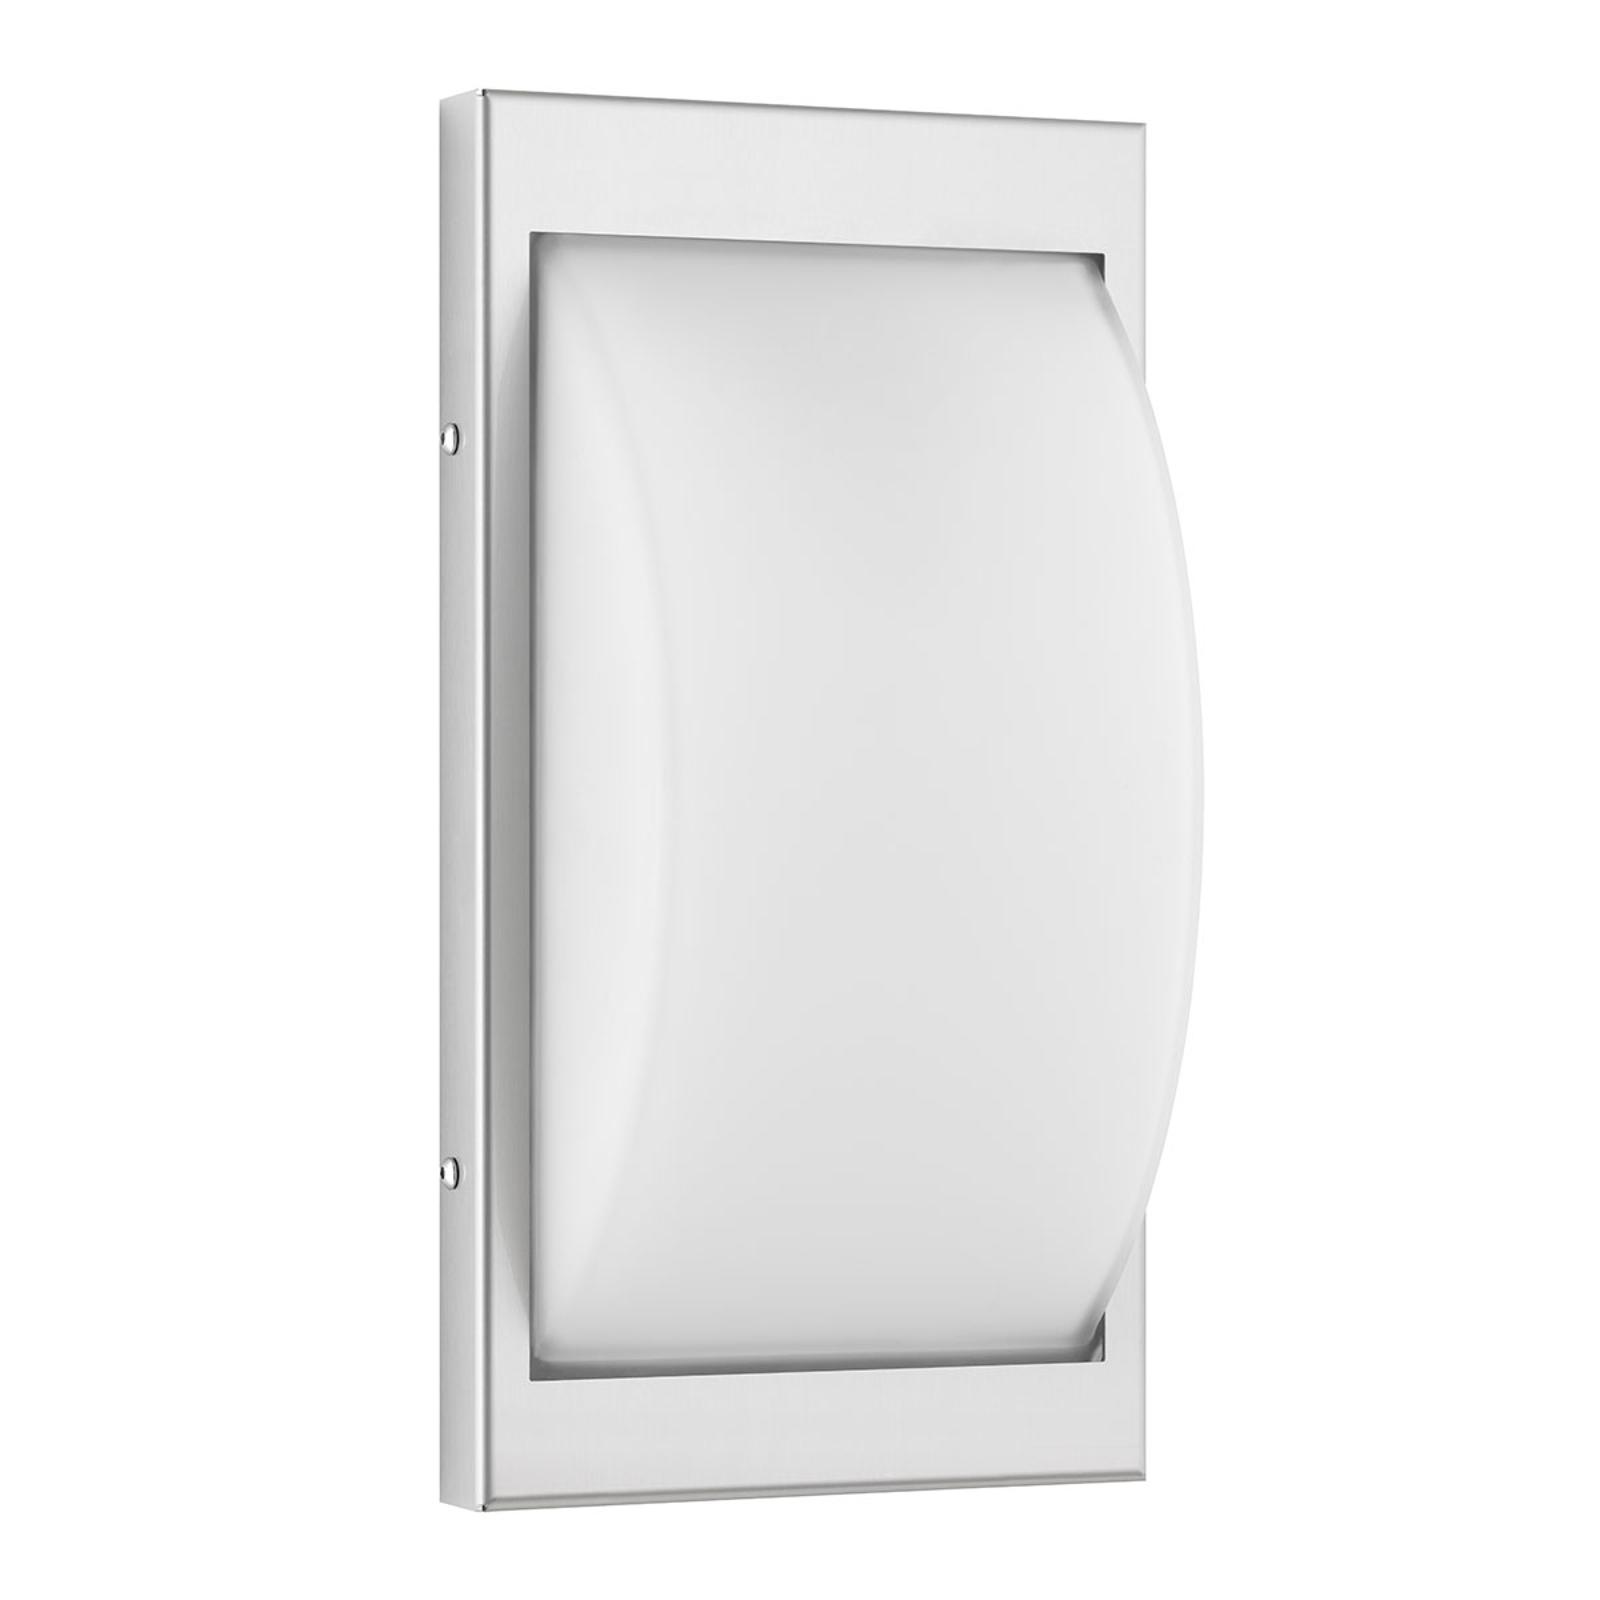 LED-Außenwandleuchte Typ 068LED Edelstahl